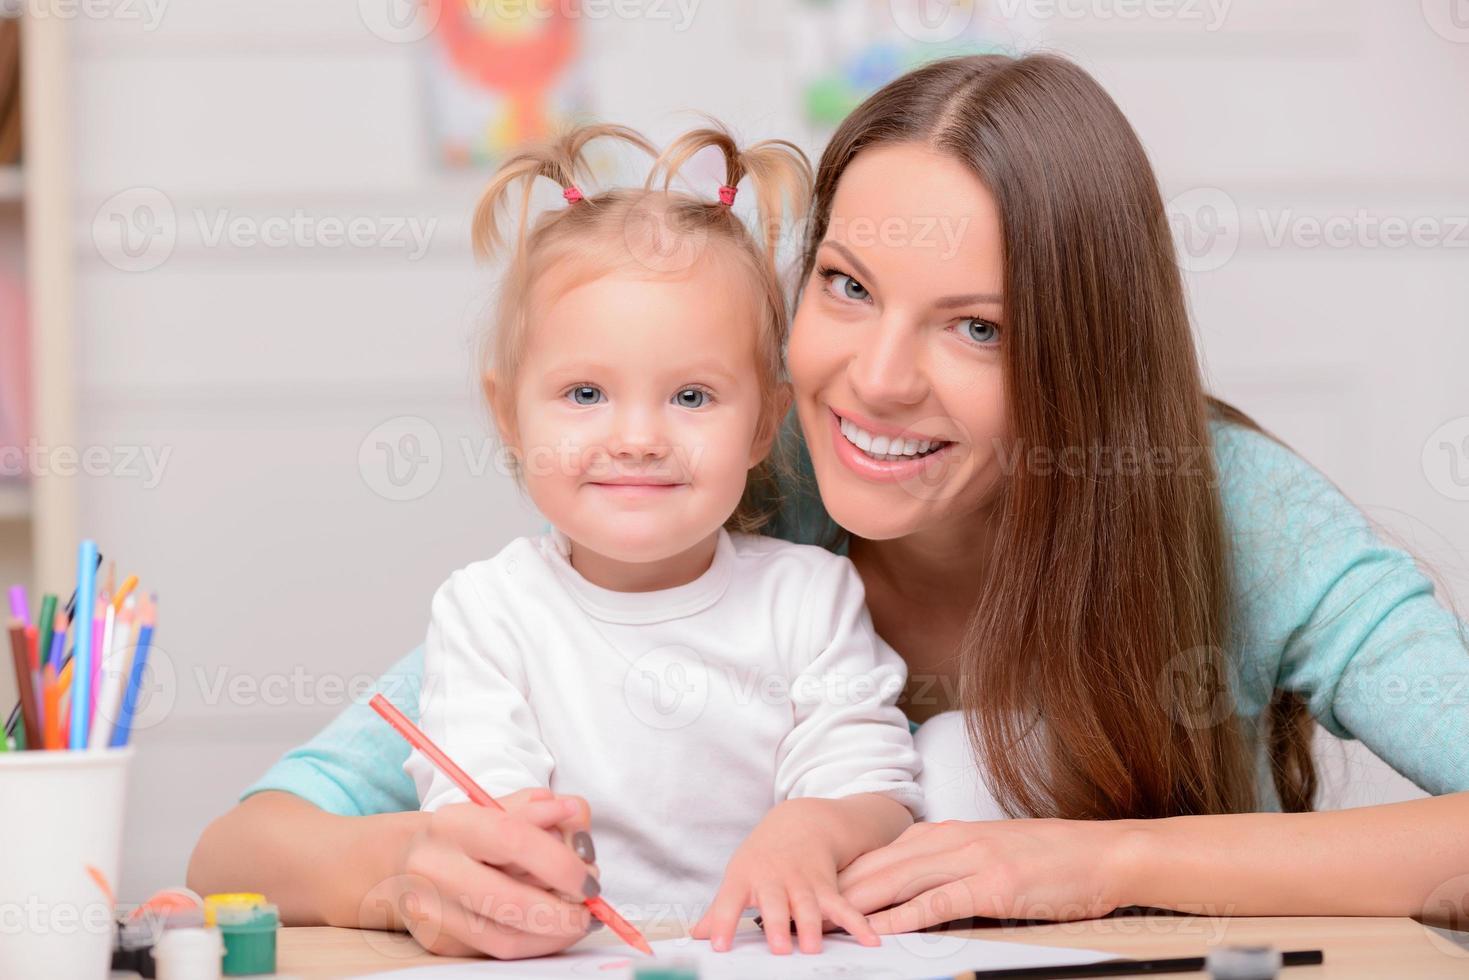 mooie jonge vrouw brengt tijd door met haar kind foto